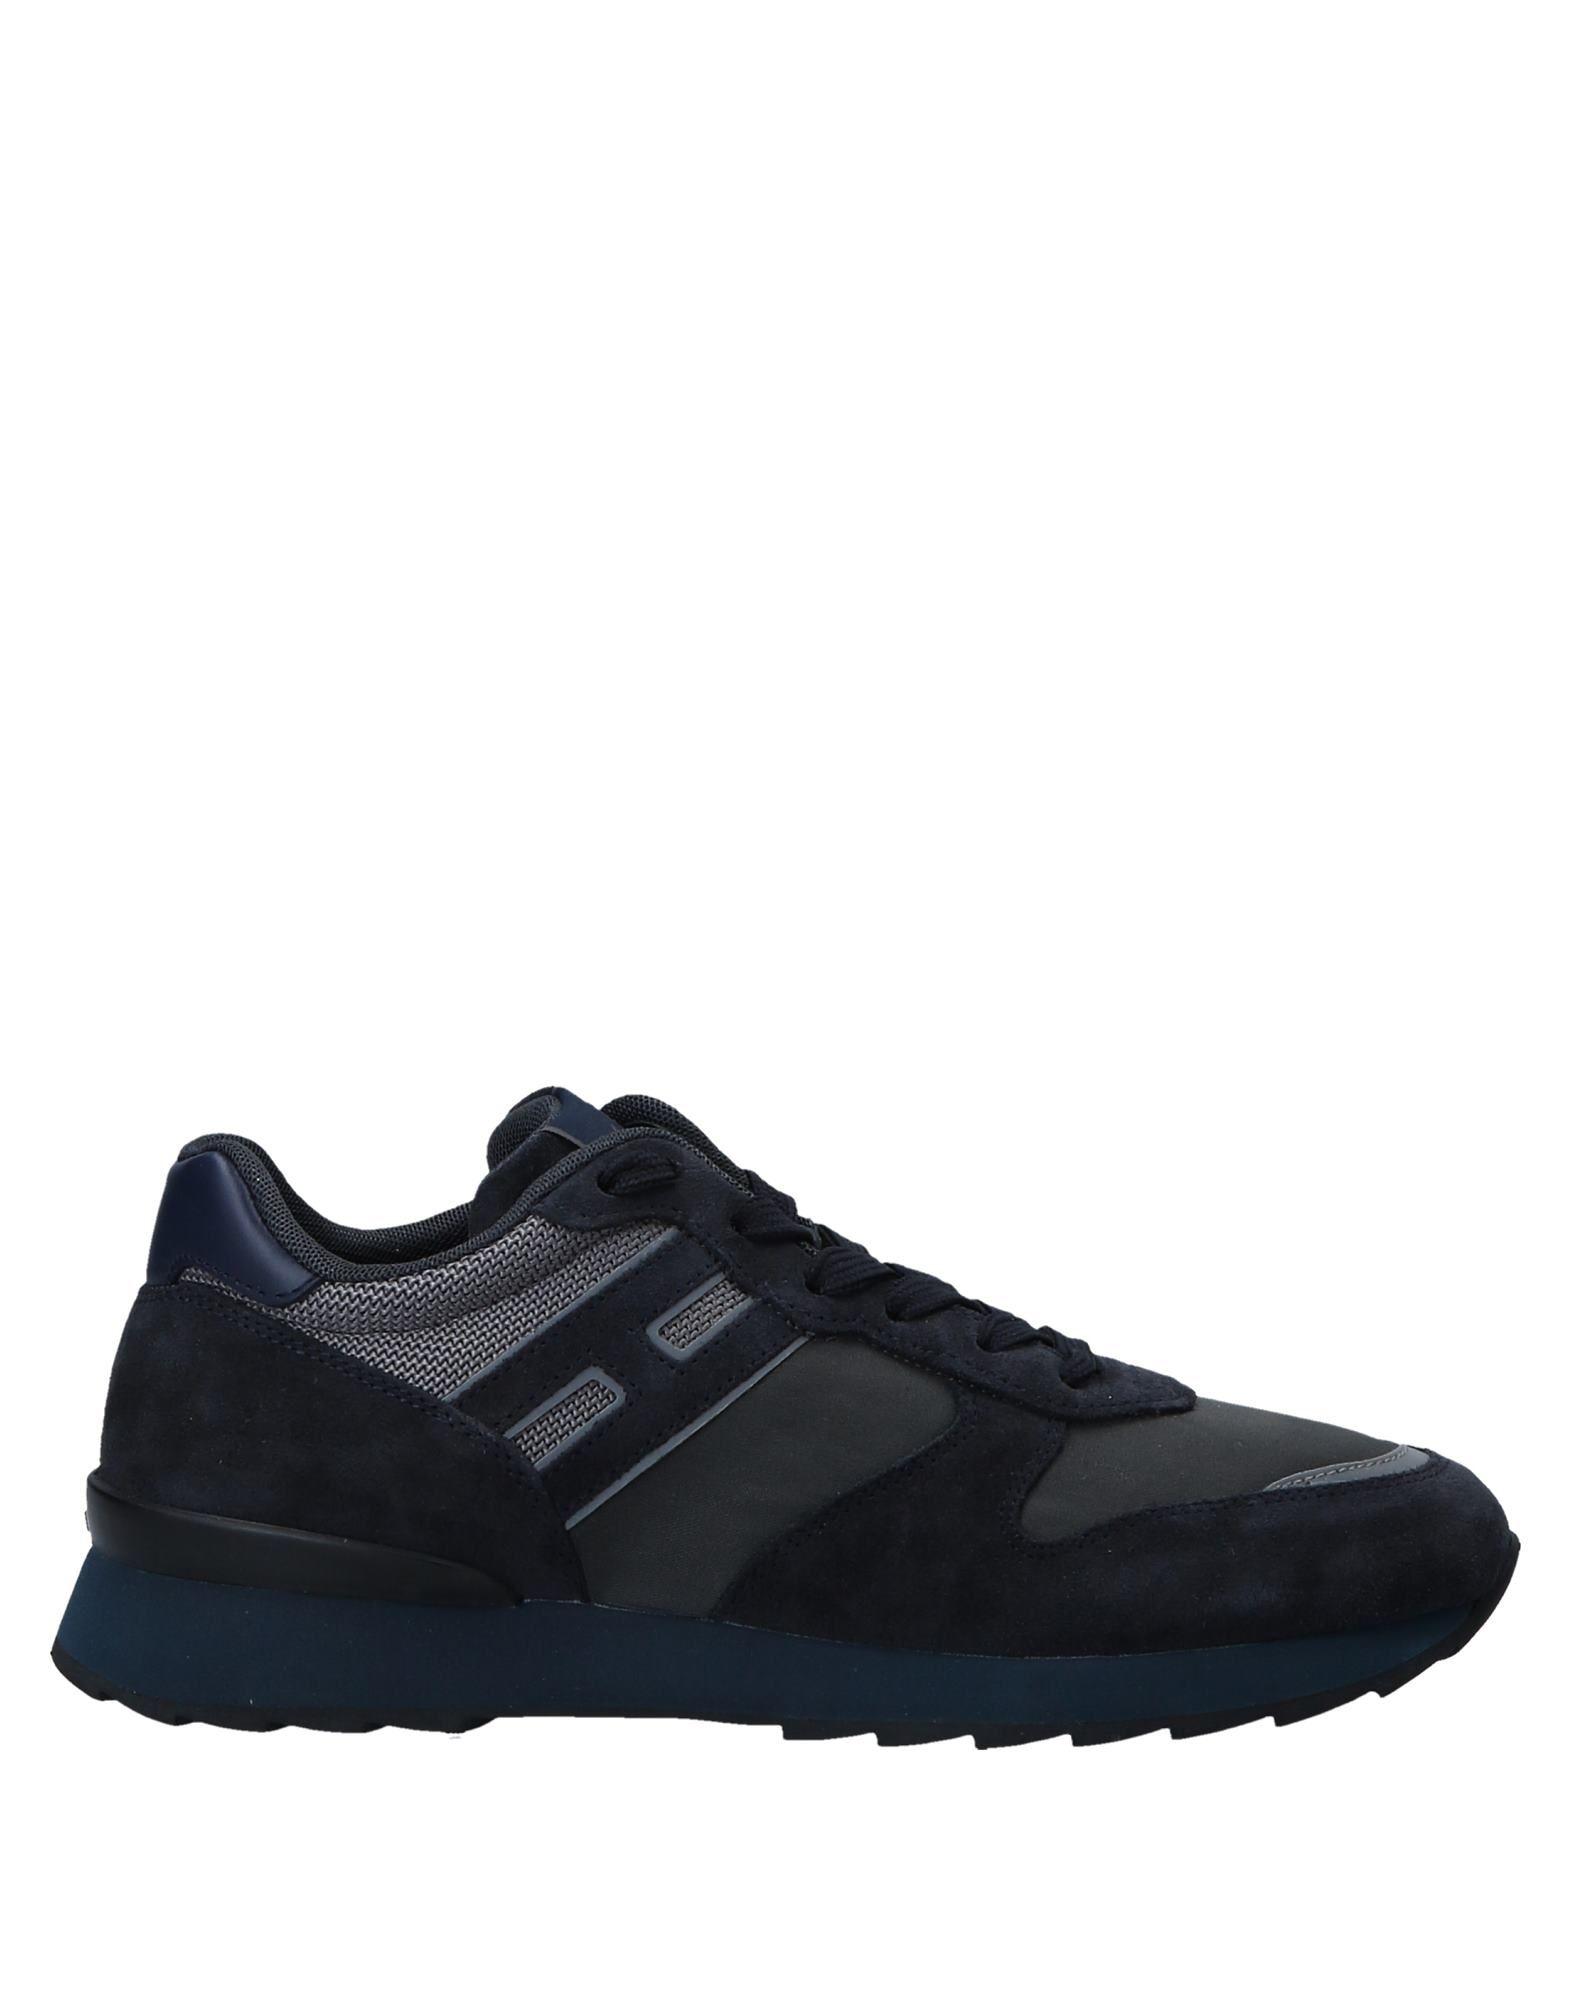 Hogan Sneakers Herren  11561544IS Gute Qualität beliebte Schuhe